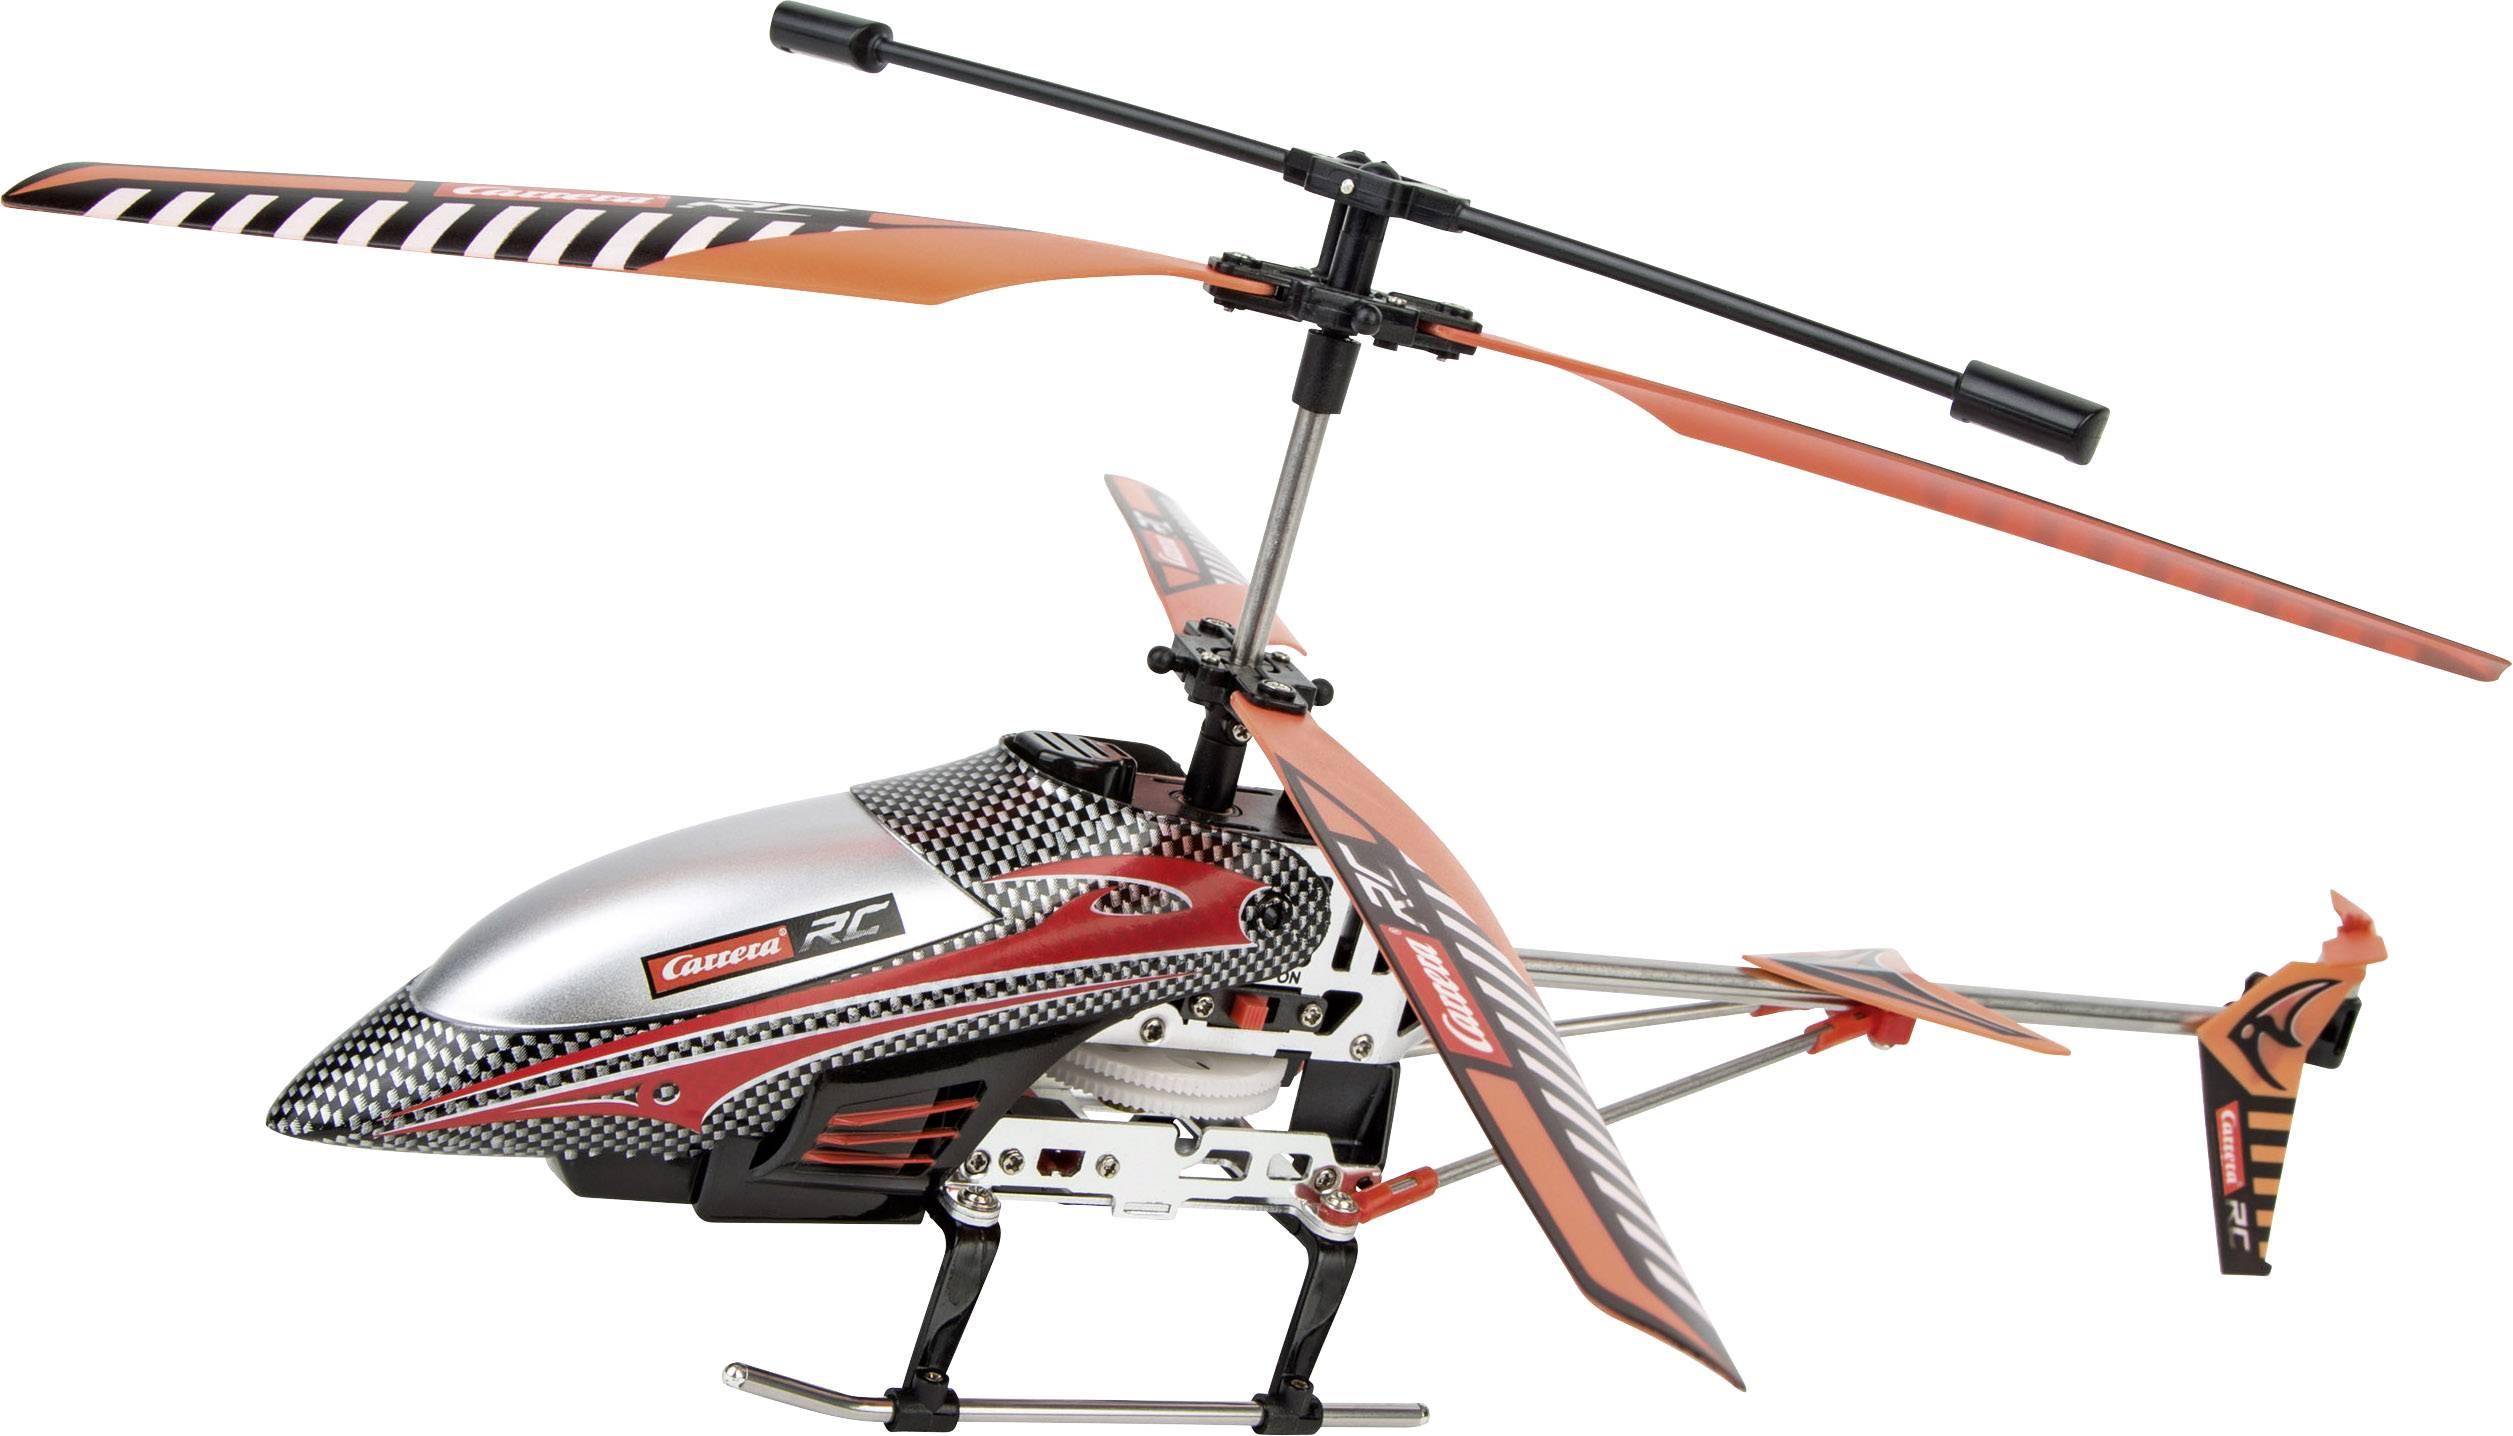 RC model vrtulníku pro začátečníky Carrera RC Neon Storm, RtF